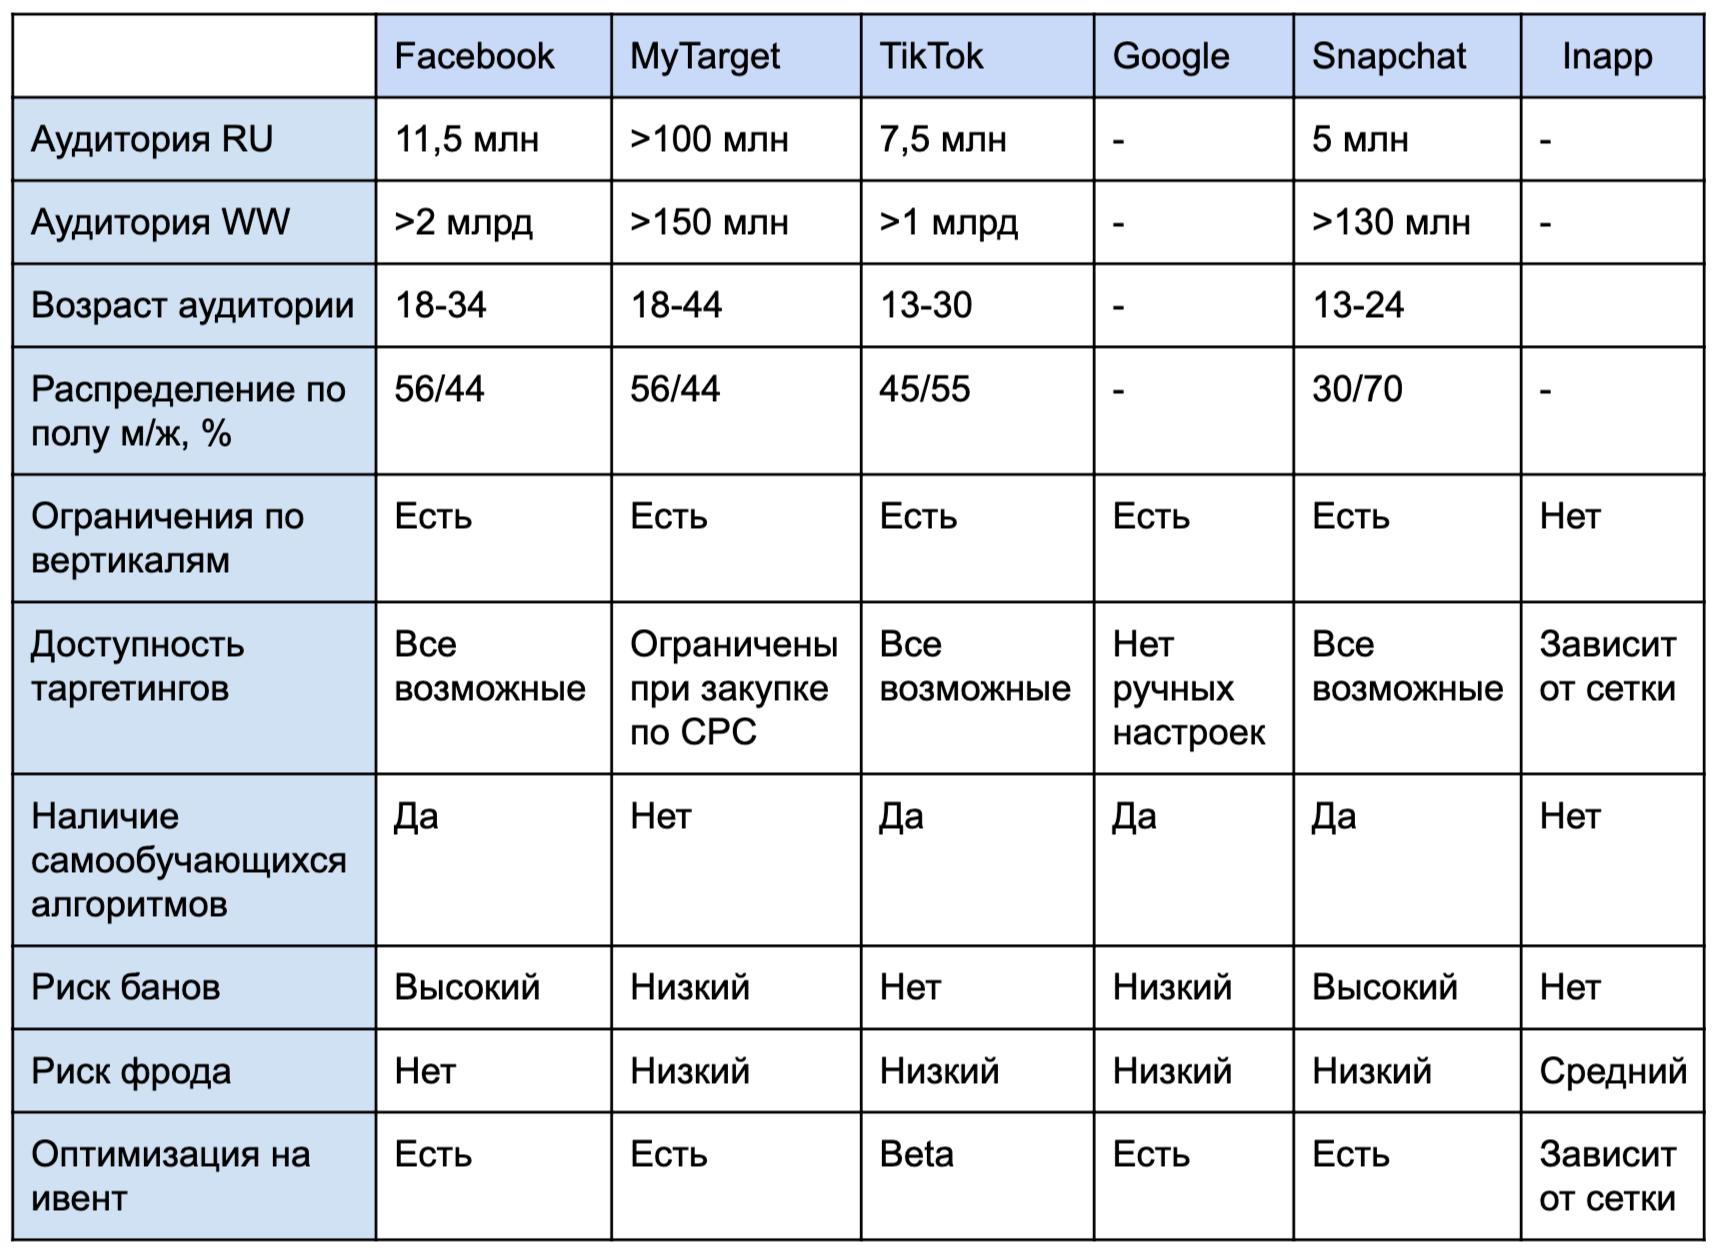 Сводная таблица по источникам трафика